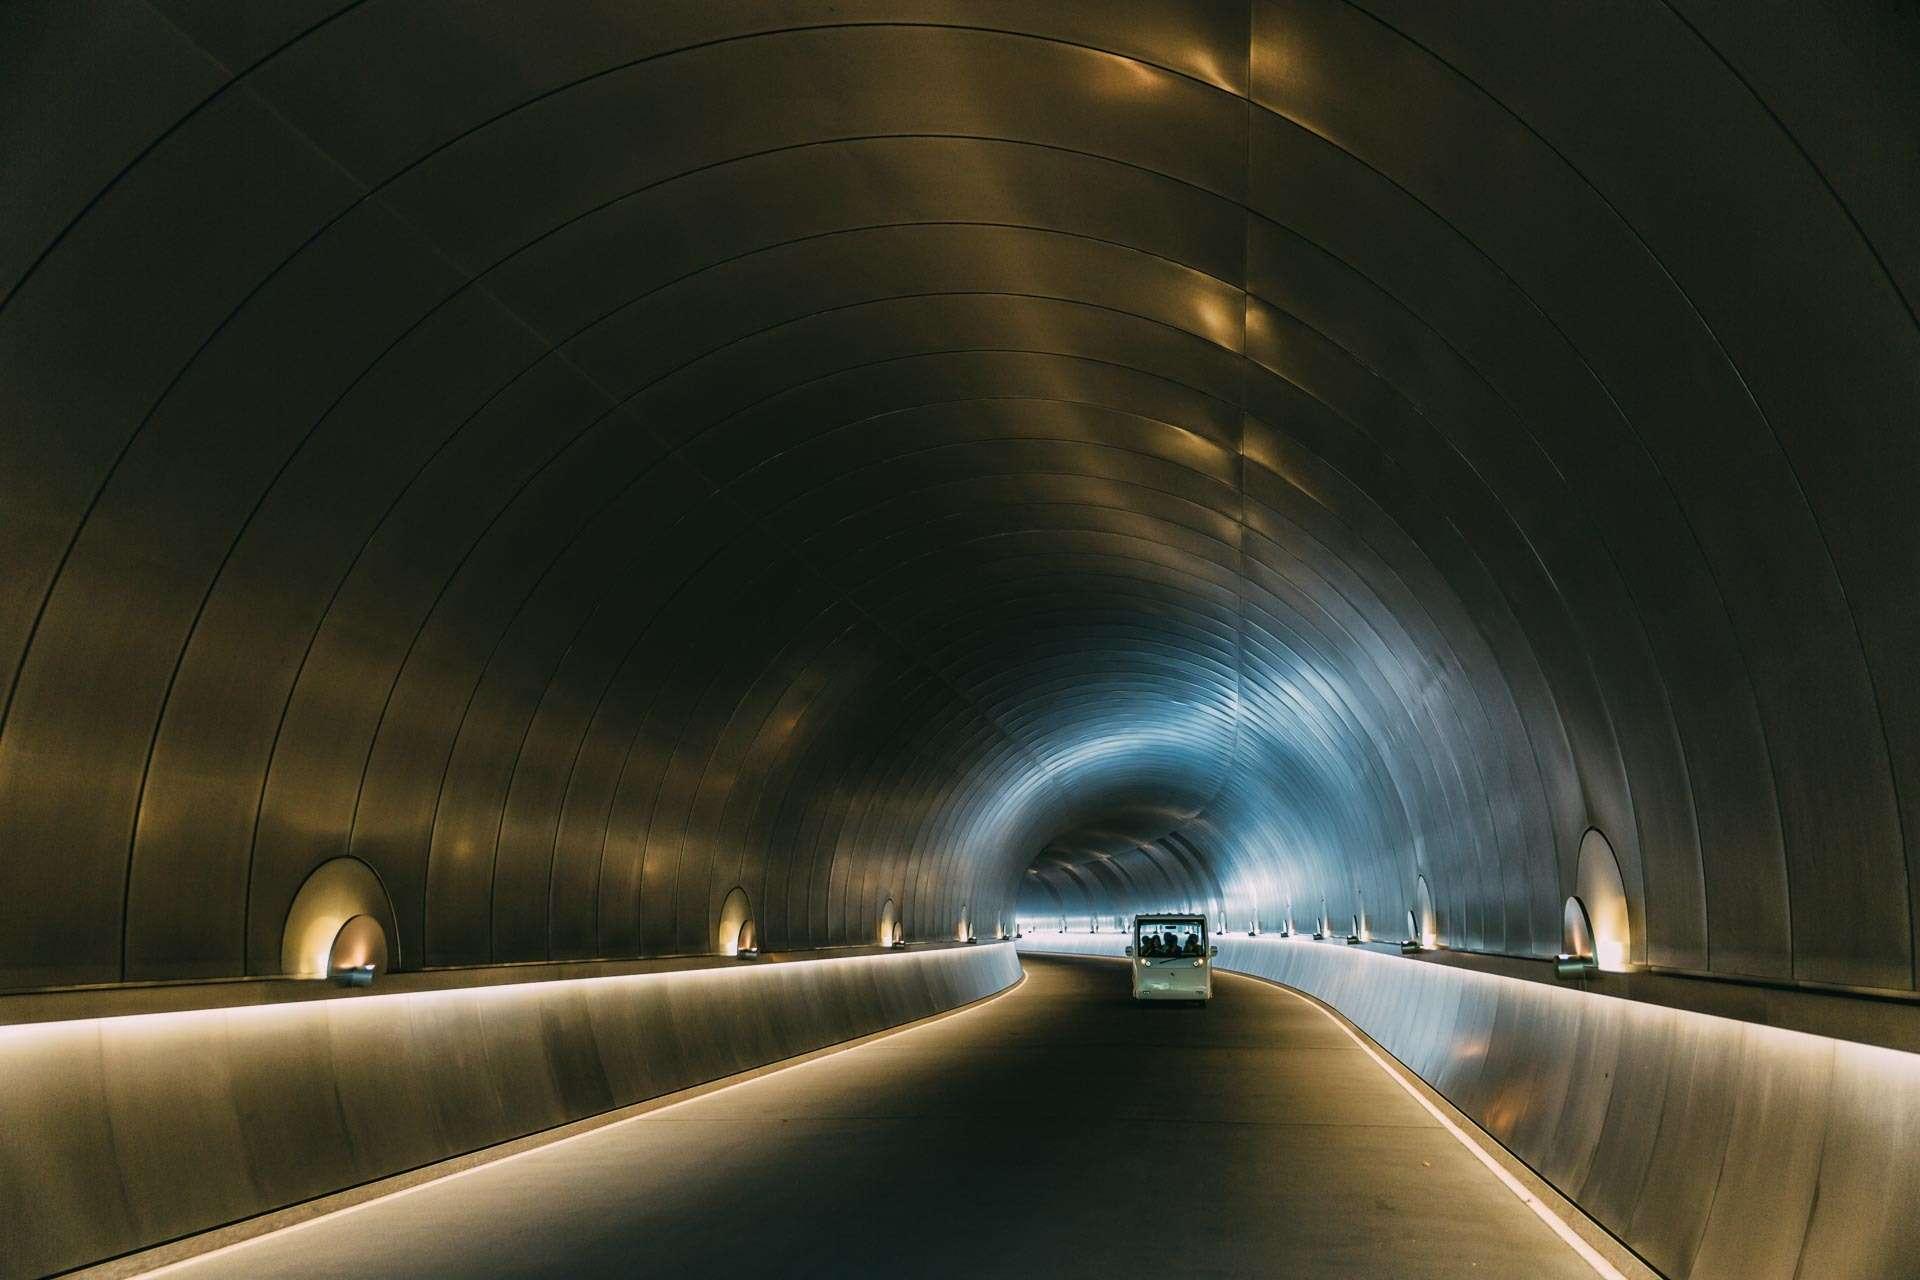 Fremtidsagtig tunnel ved det mystiske Miho museum.